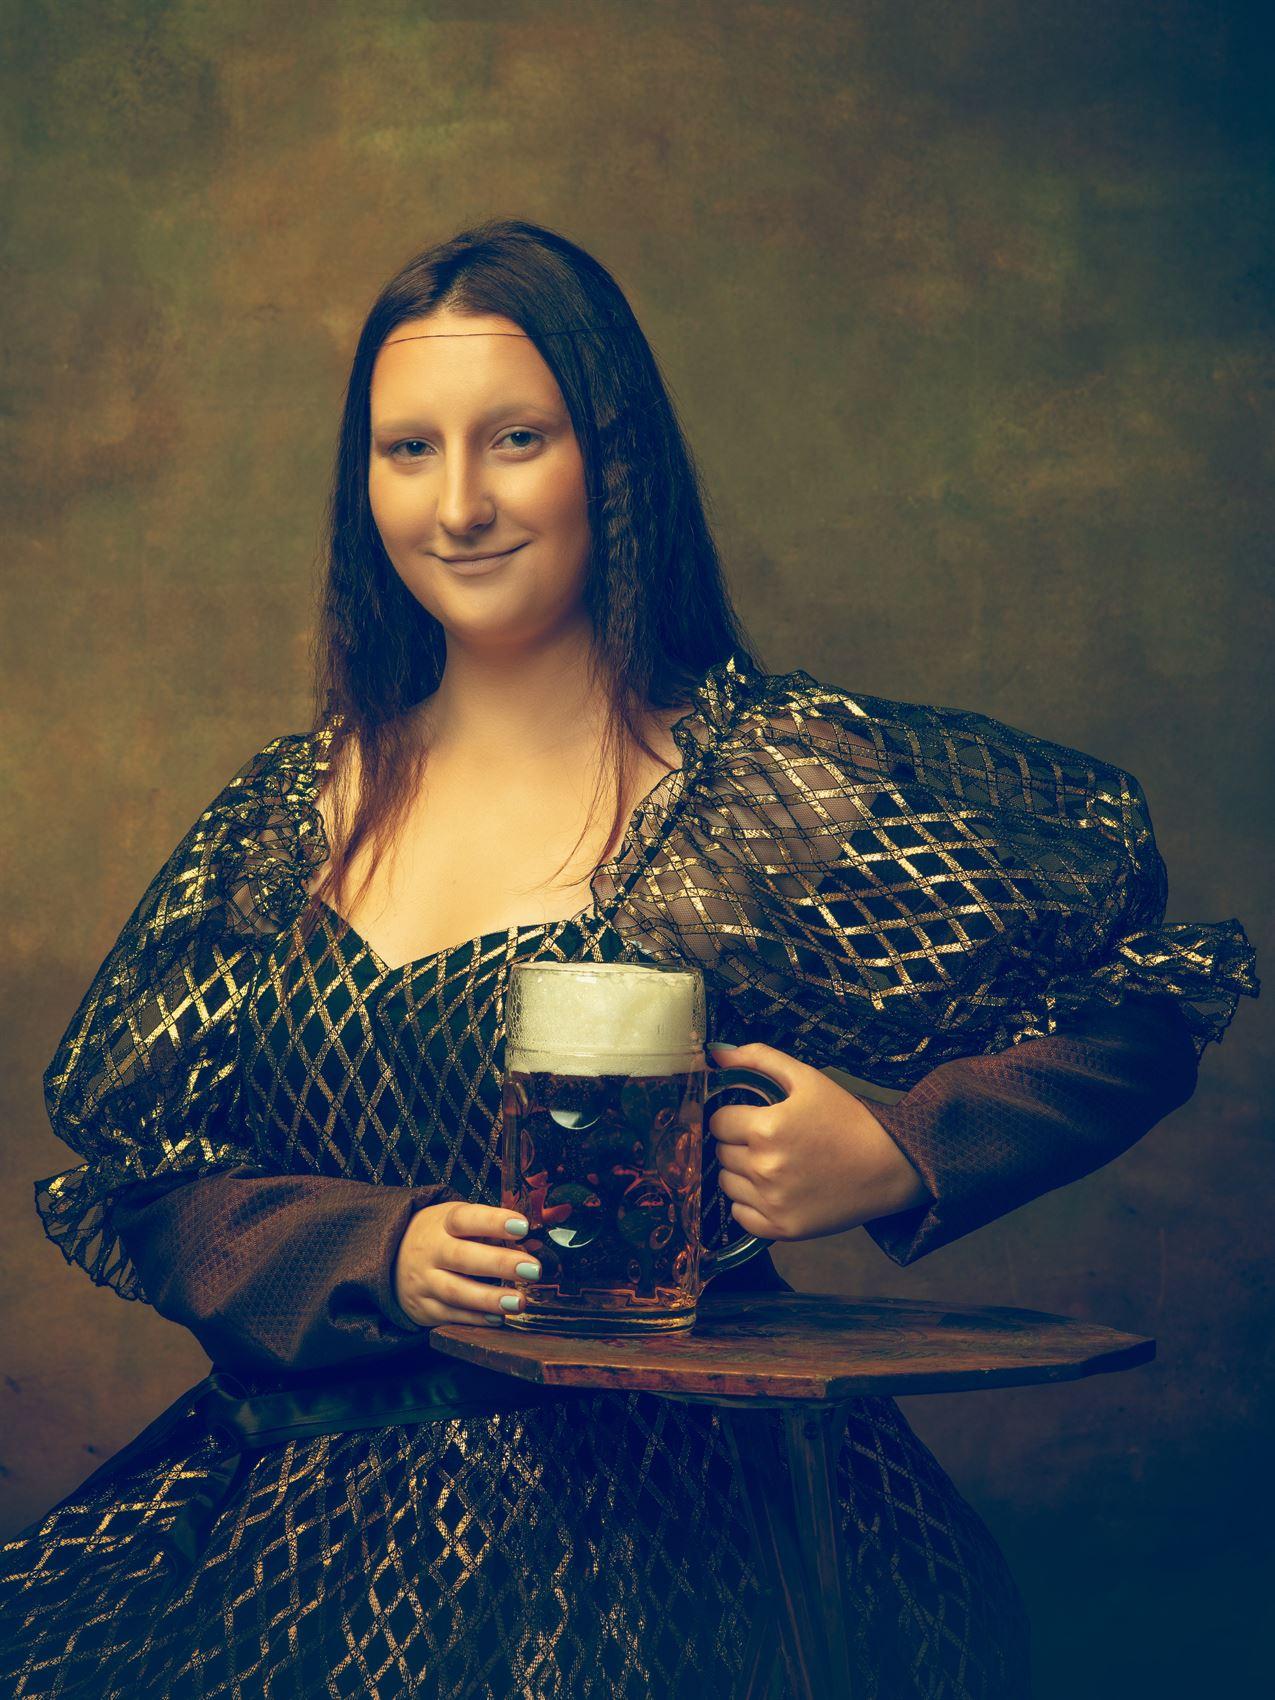 Unsere Schönste, die Mass - Bild: Master1305|Shutterstock.com